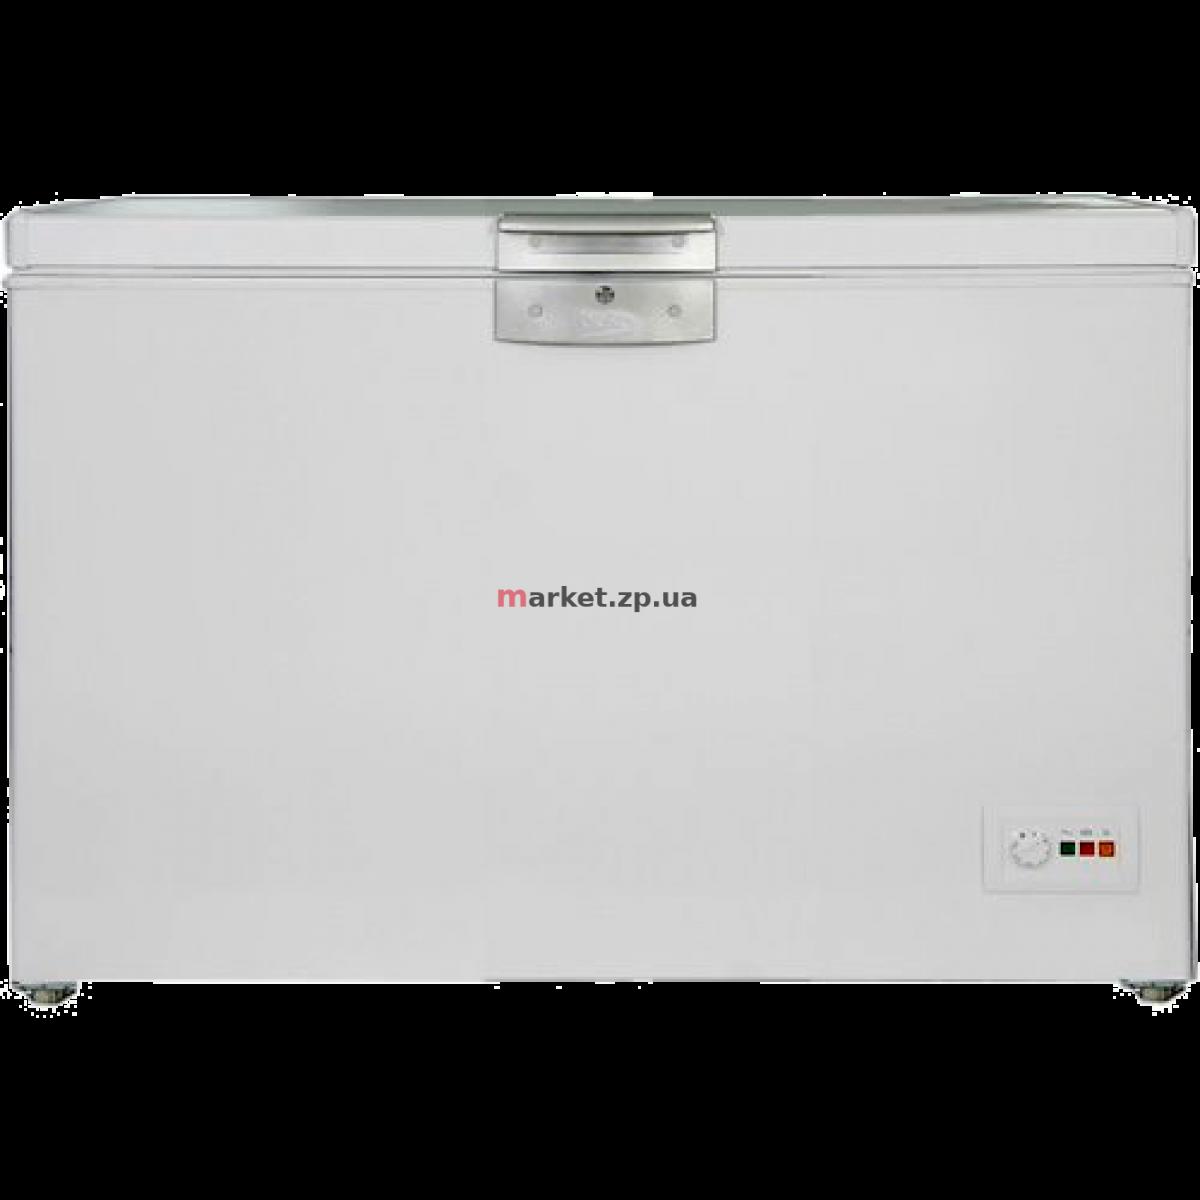 Ларь морозильный BEKO HSU 840520